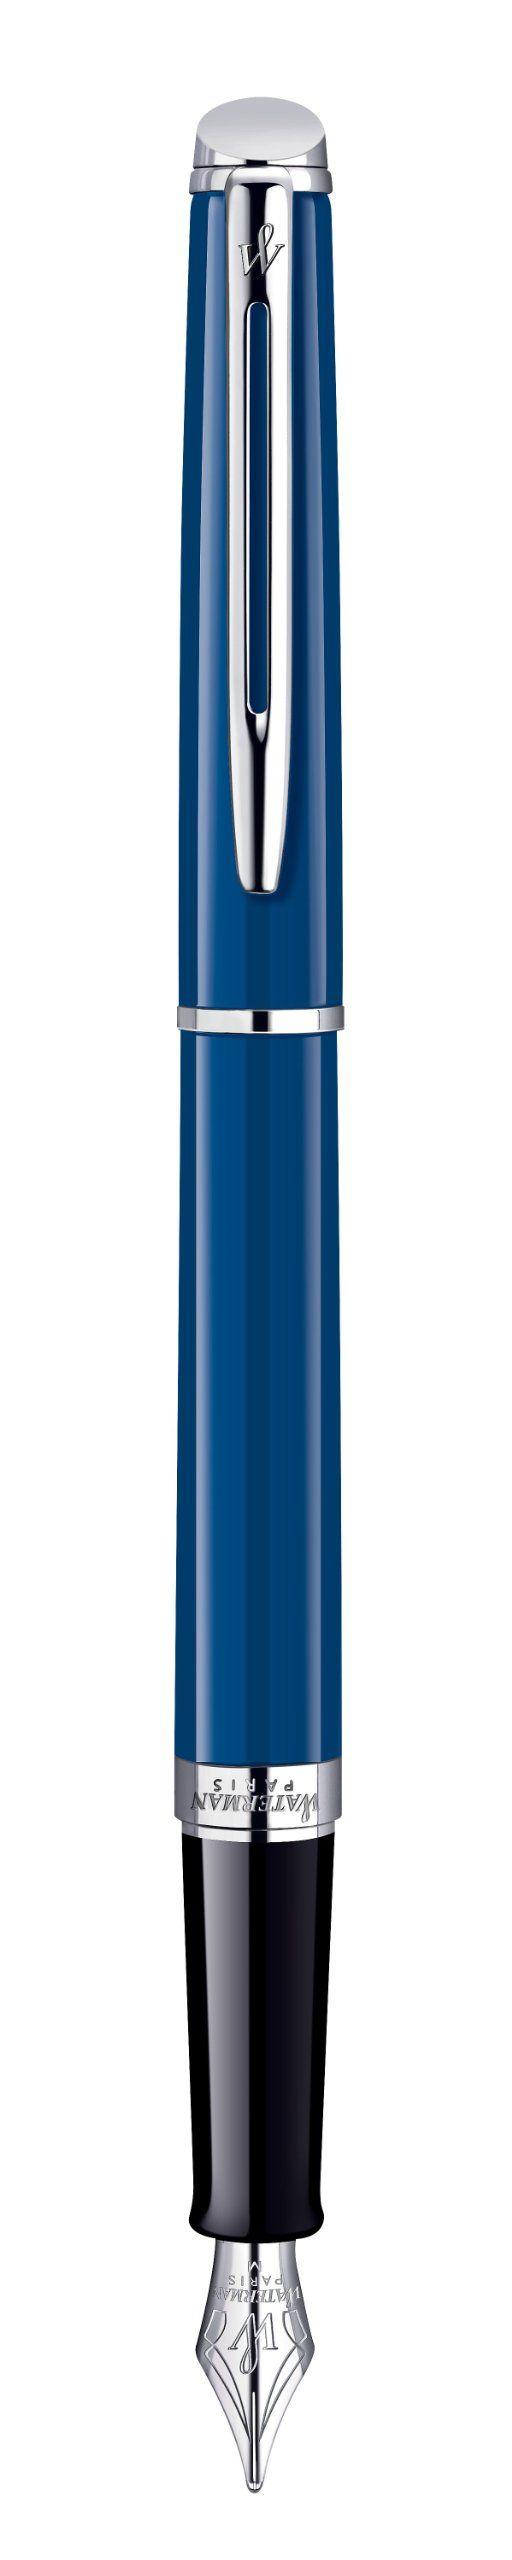 Waterman Hemisphere Blue Obsession Füllfederhalter M: Amazon.de: Bürobedarf & Schreibwaren